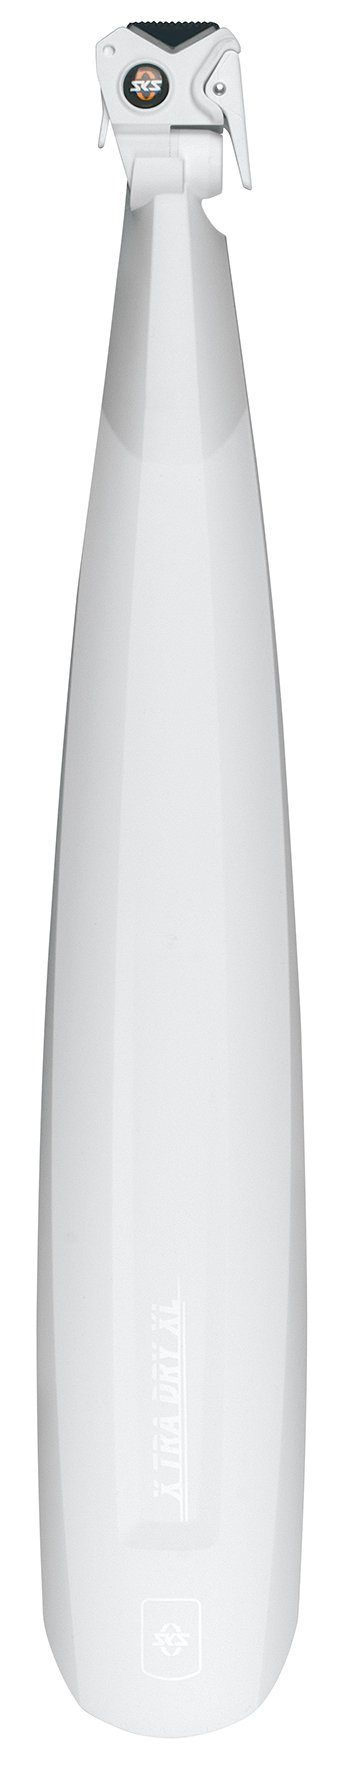 SKS Schutzblech »X-Tra-Dry XL Schutzblech«